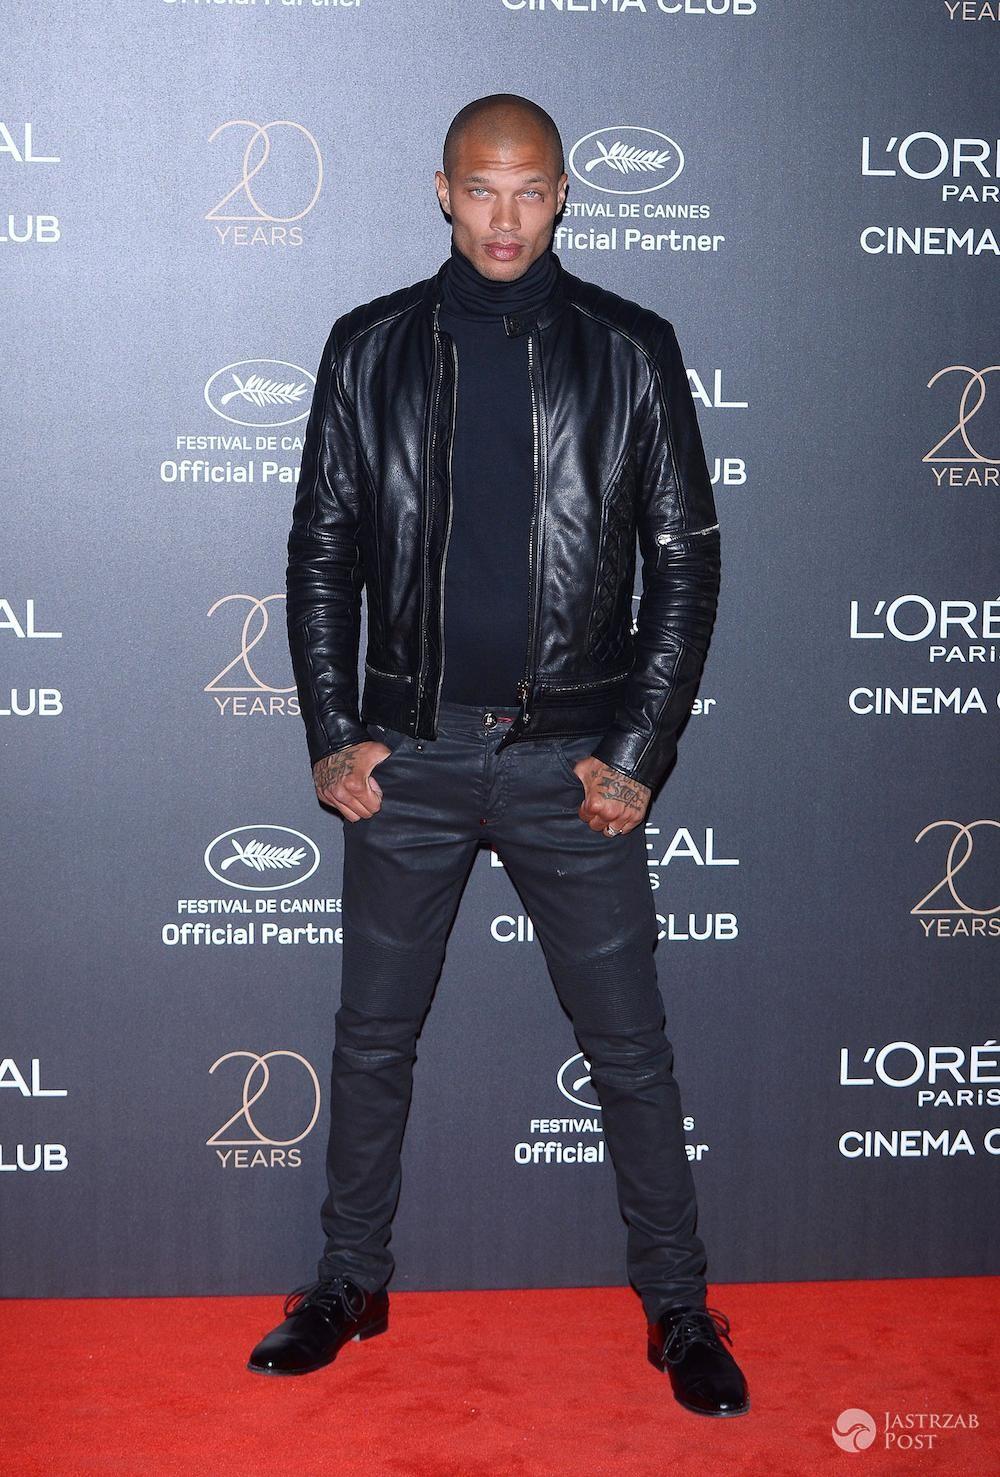 Jeremy Meeks - impreza z okazji 20-lecia marki L'Oreal w Cannes 2017